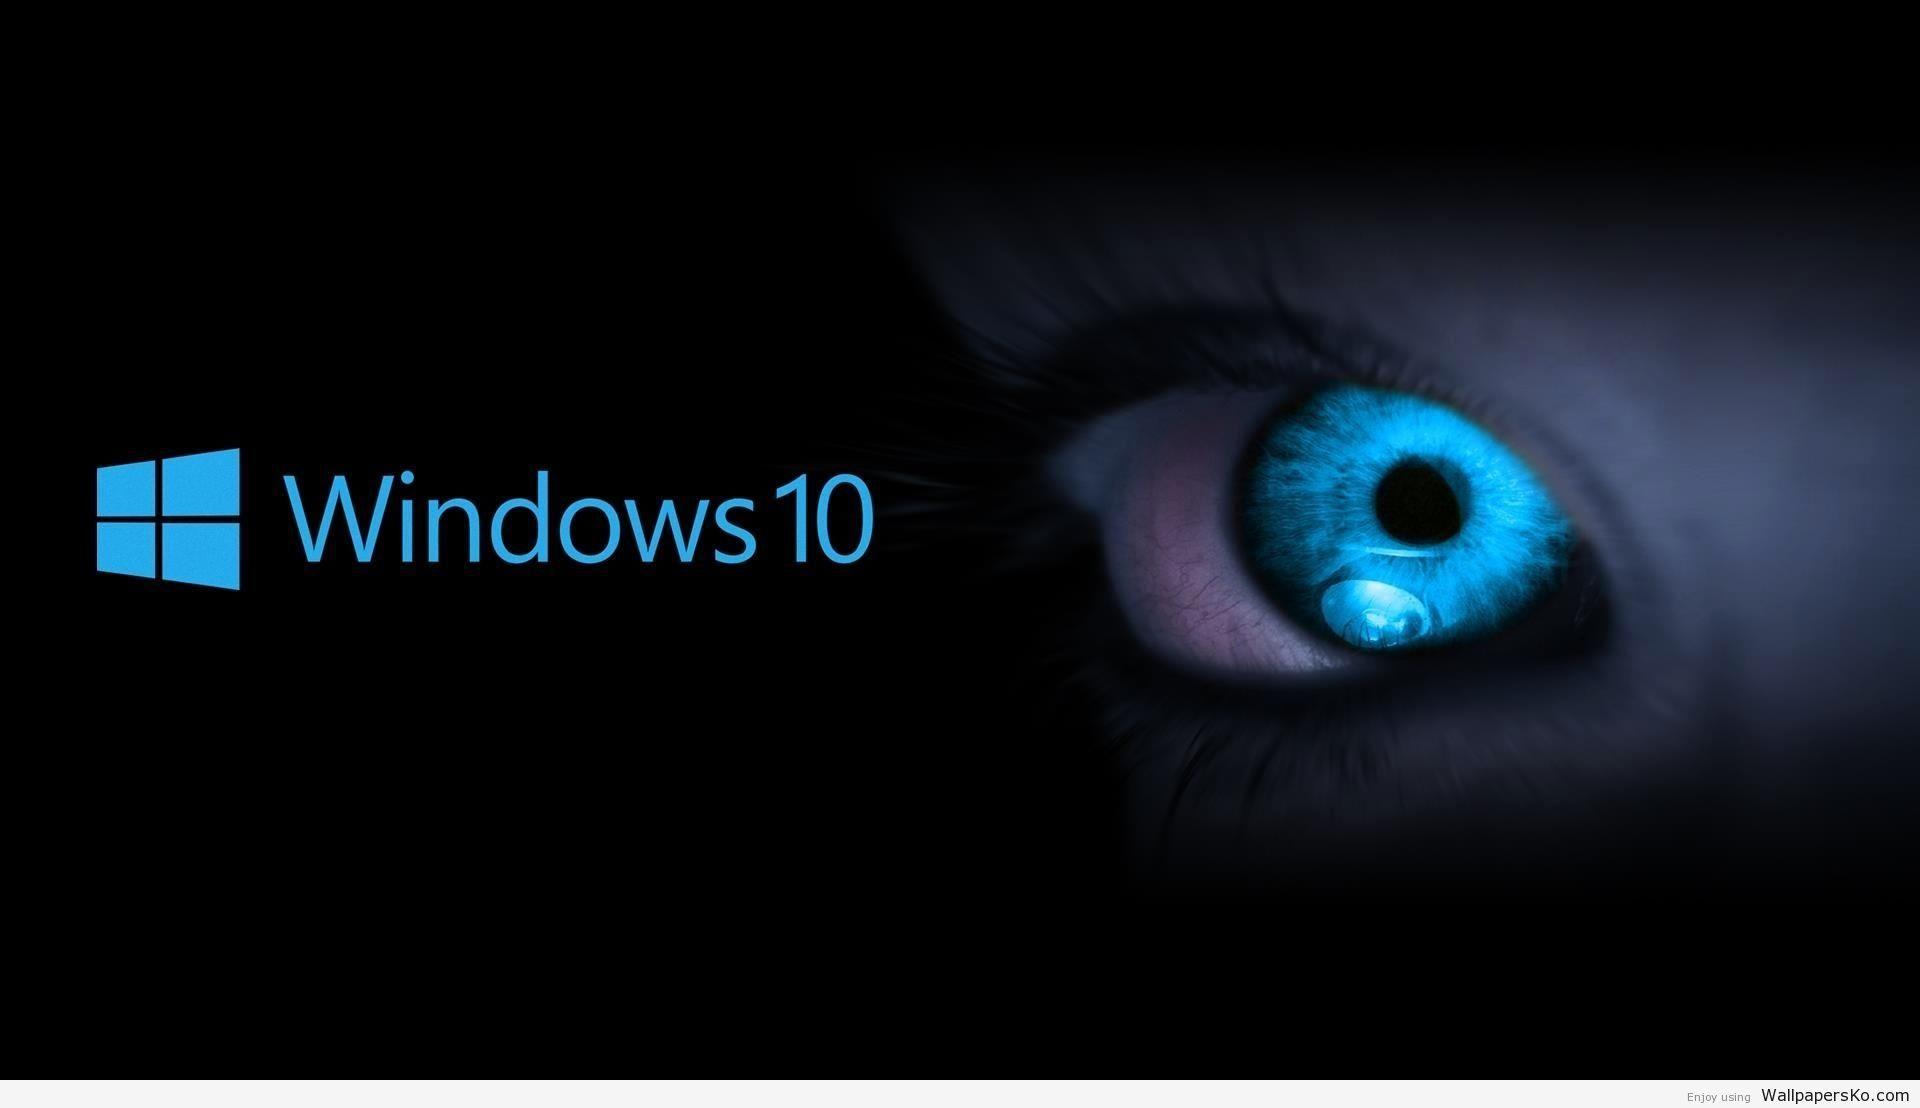 Hd Wallpaper Windows 10 For Desktop Background Wallpaper Hd Gambar Kartu Pernikahan